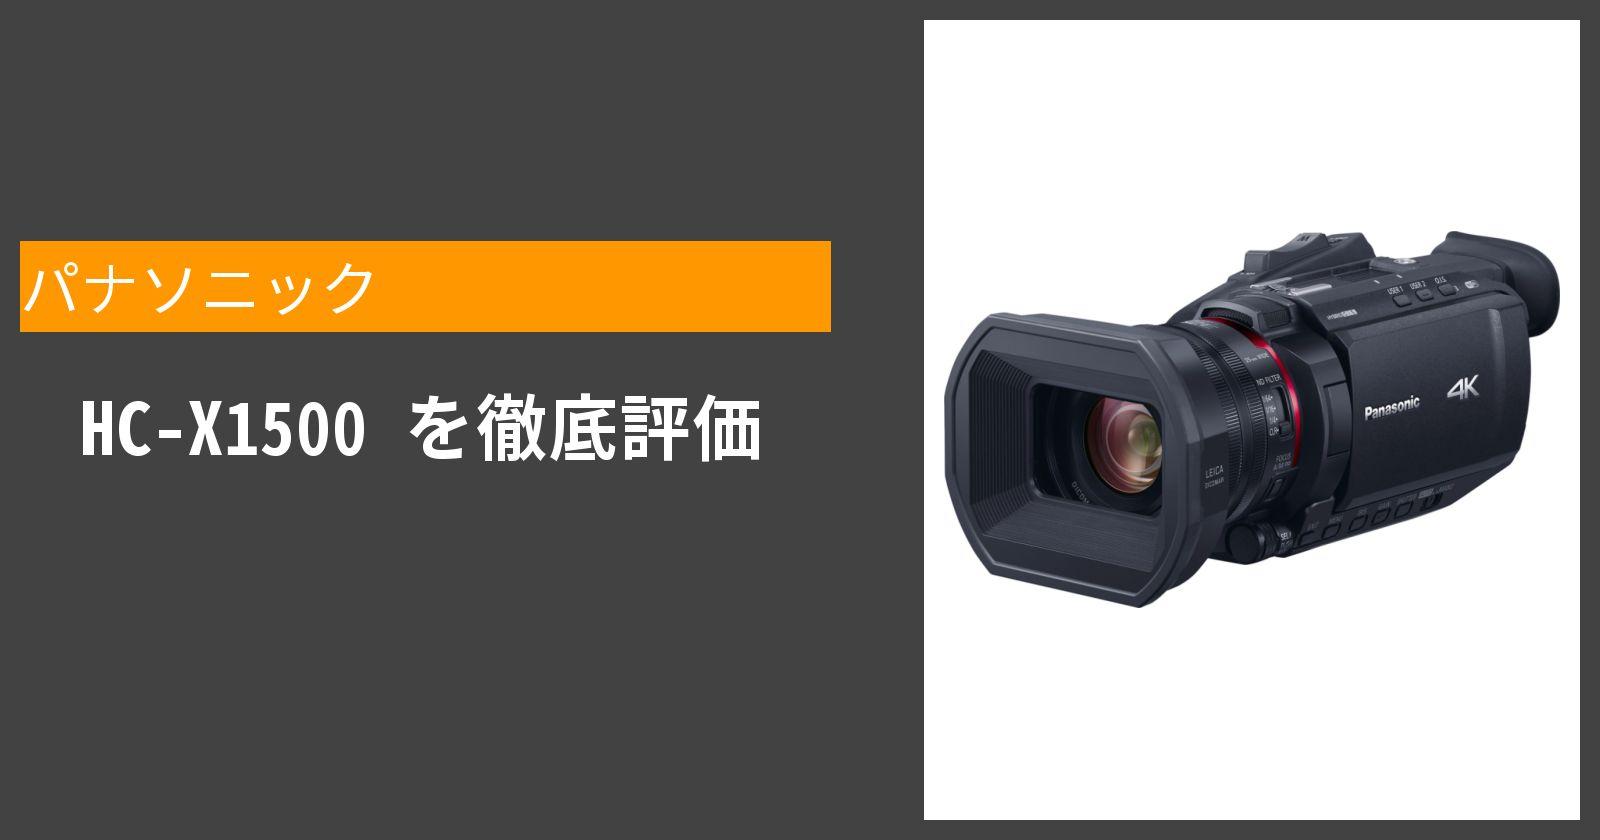 HC-X1500を徹底評価